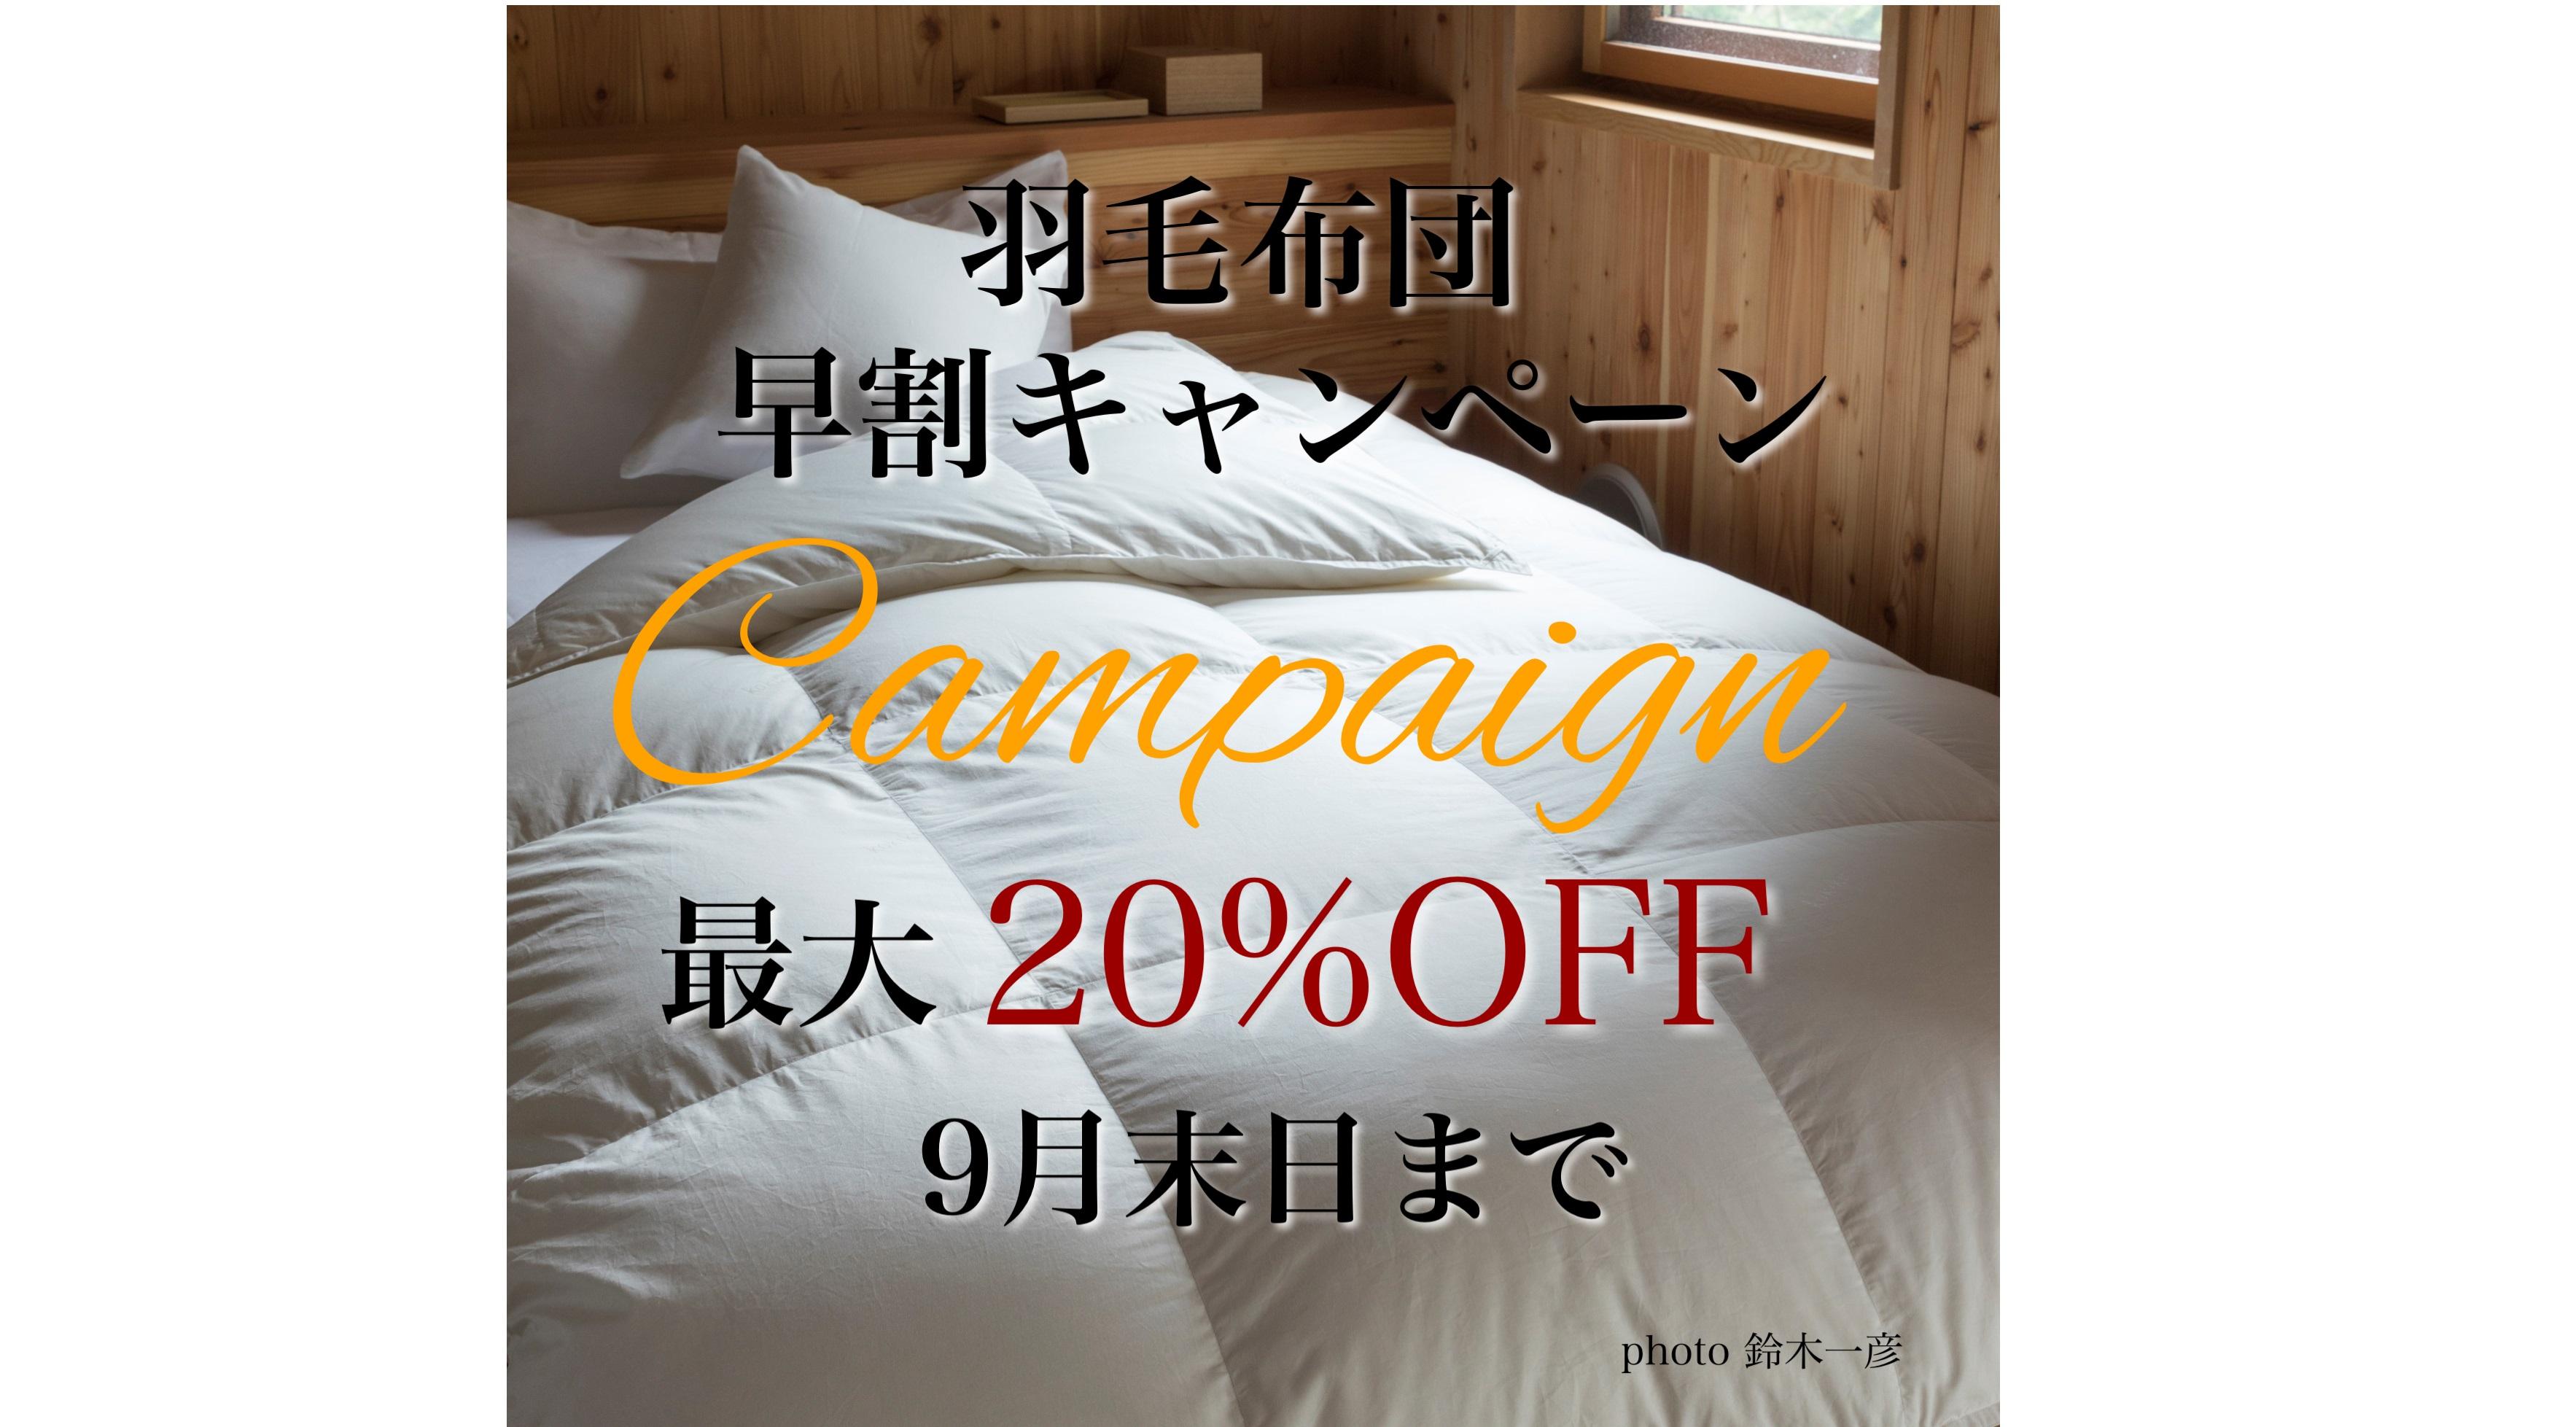 【最大20%OFF】羽毛布団の早割キャンペーン【9月末日まで】